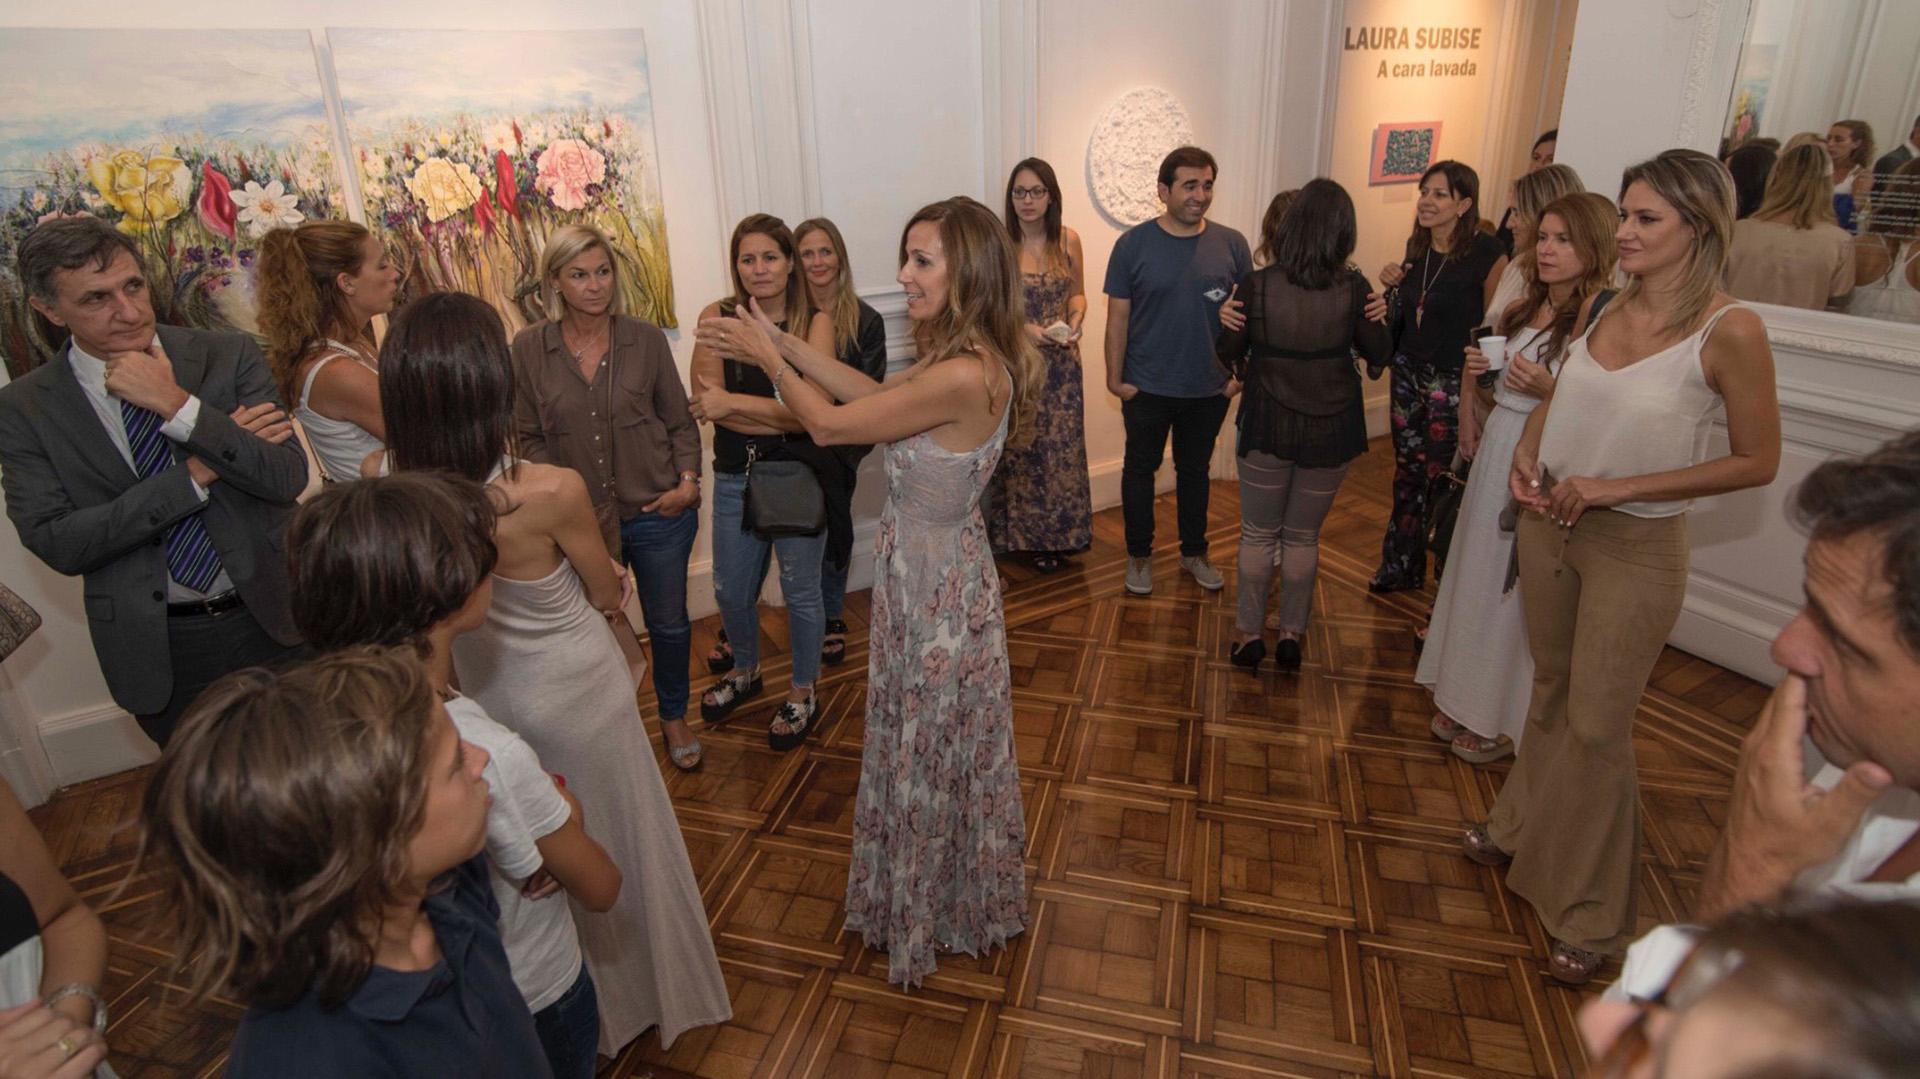 Laura Subise en plena exposición de sus obras.